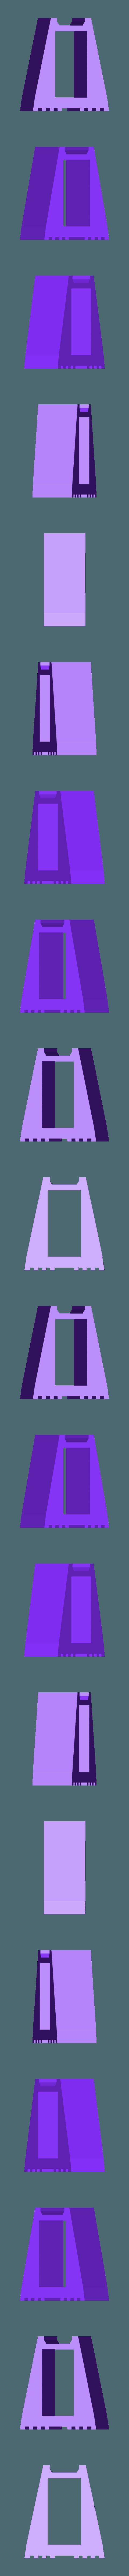 FANHOLE.stl Download free STL file Pedestal Fan holder (stand) • 3D printable design, ICTAvatar